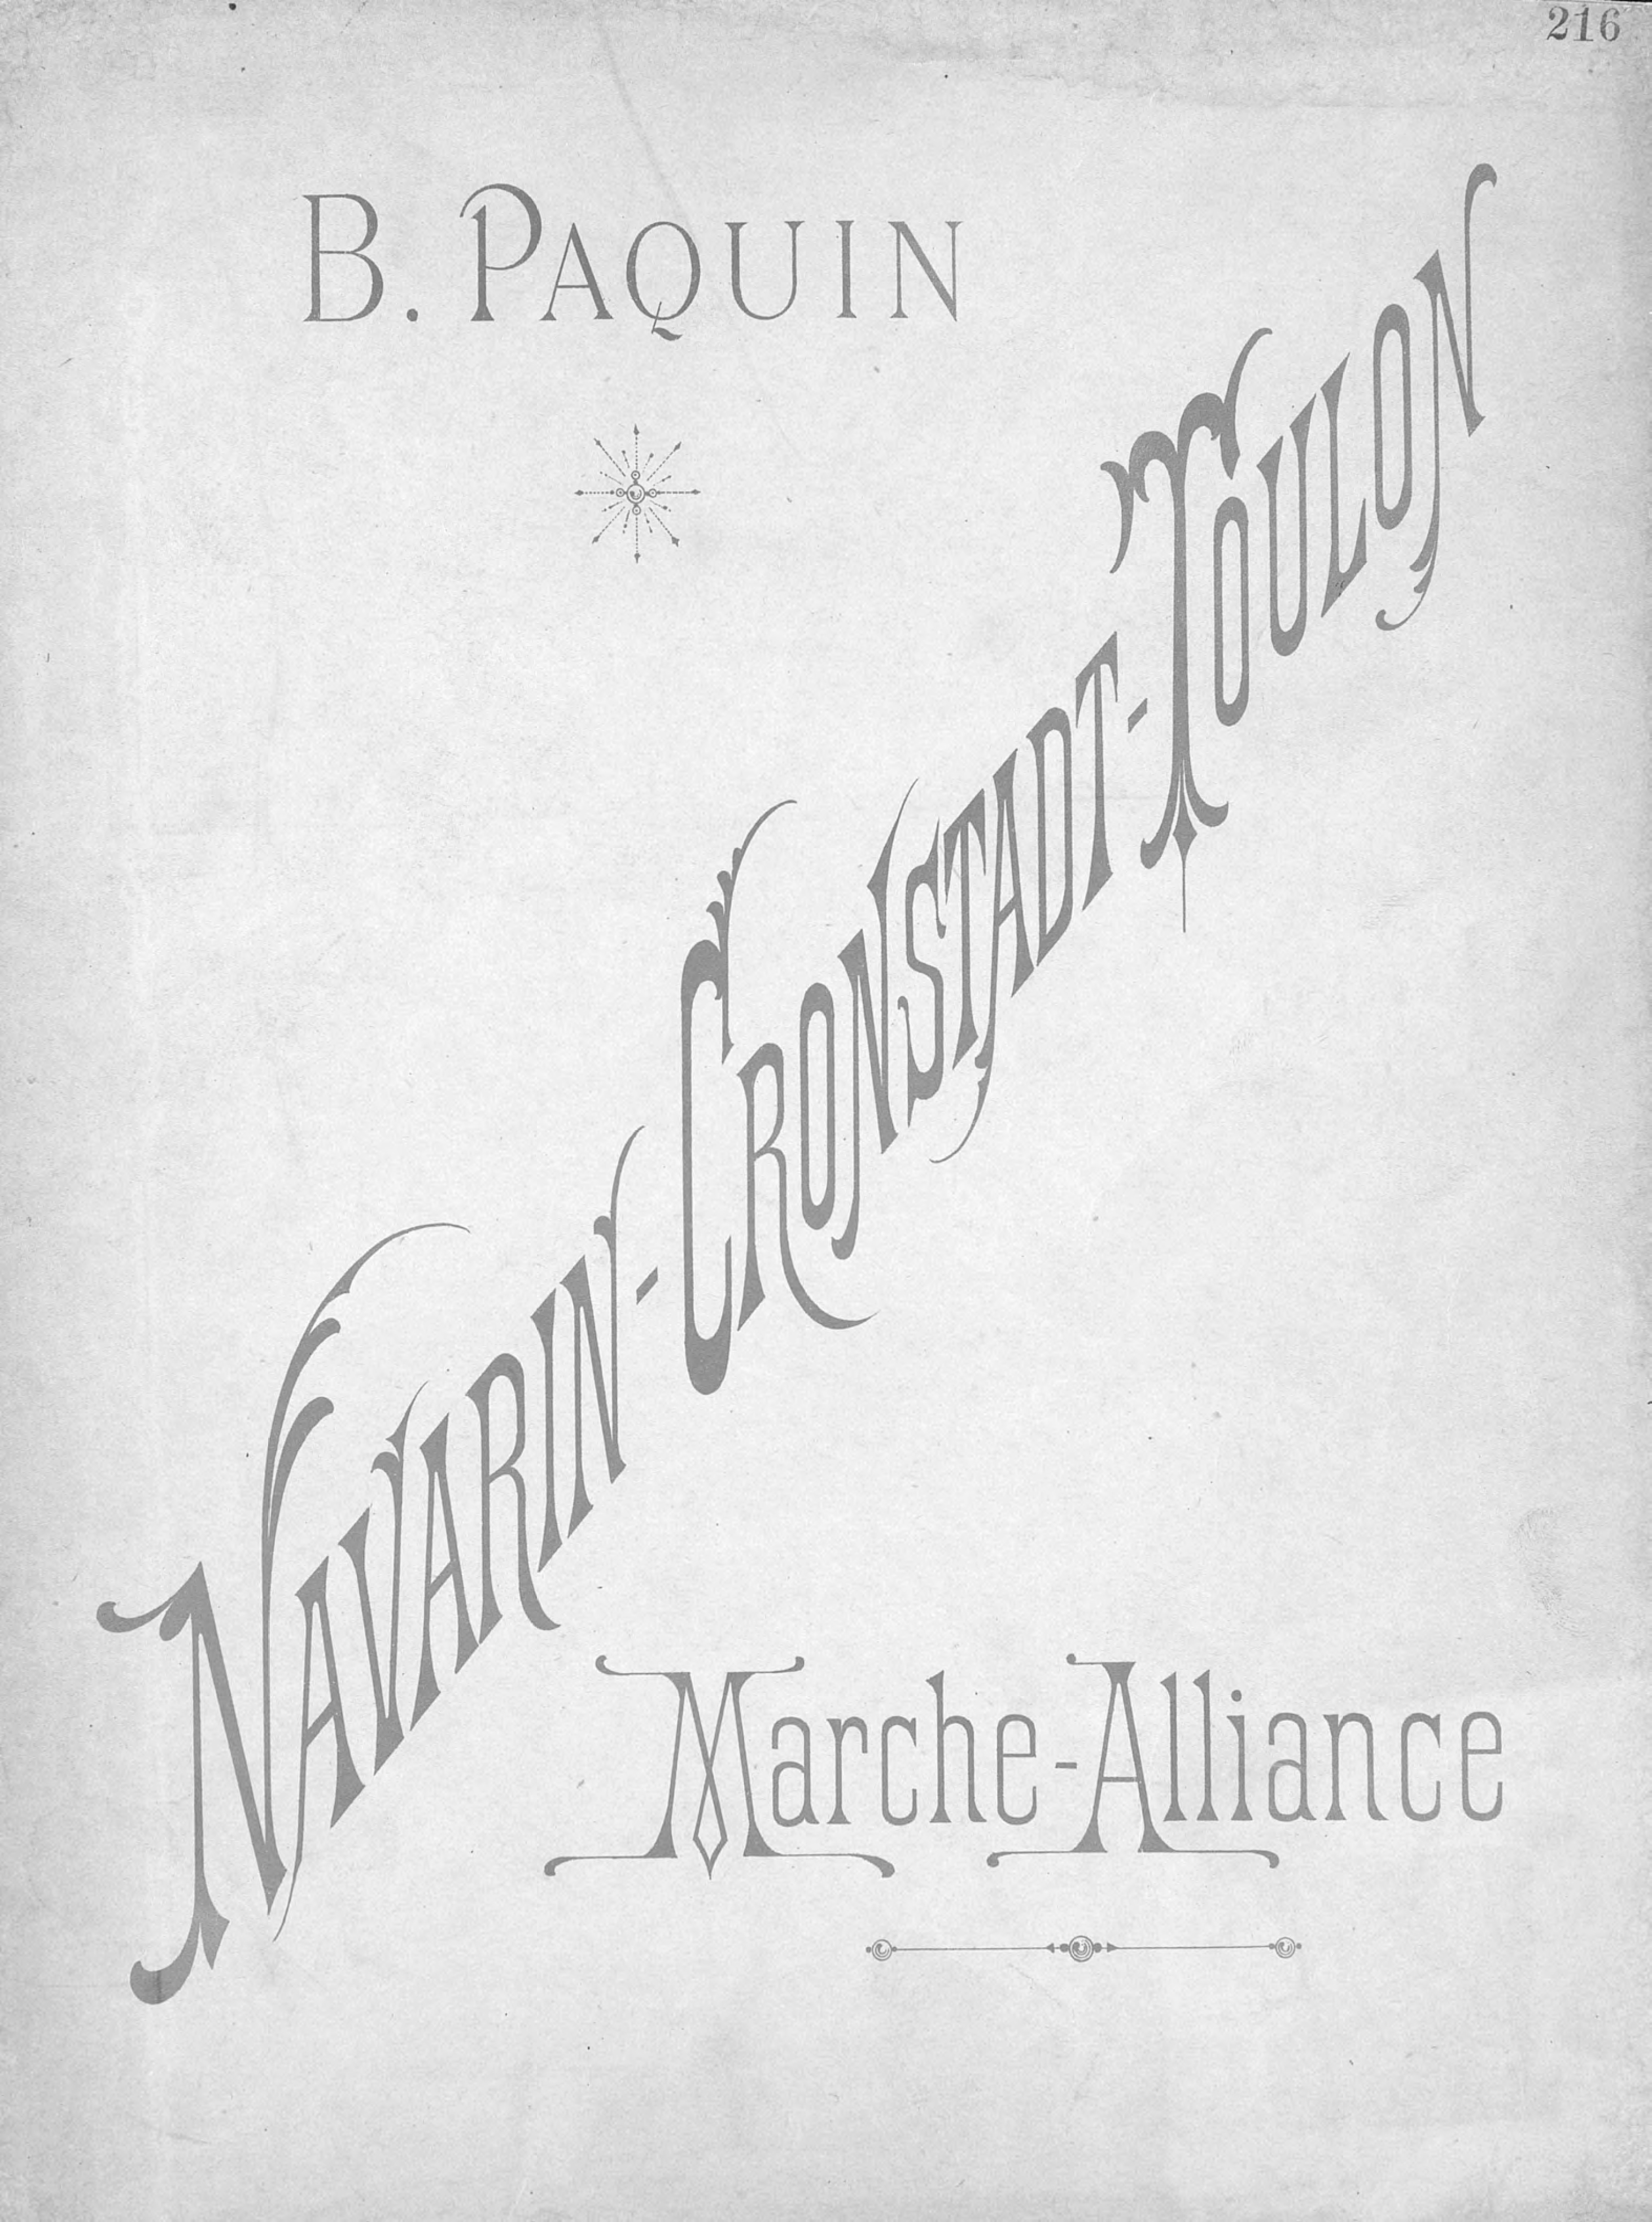 Б. Пакэн Navarin - Cronstadt - Toulon messmer toulon